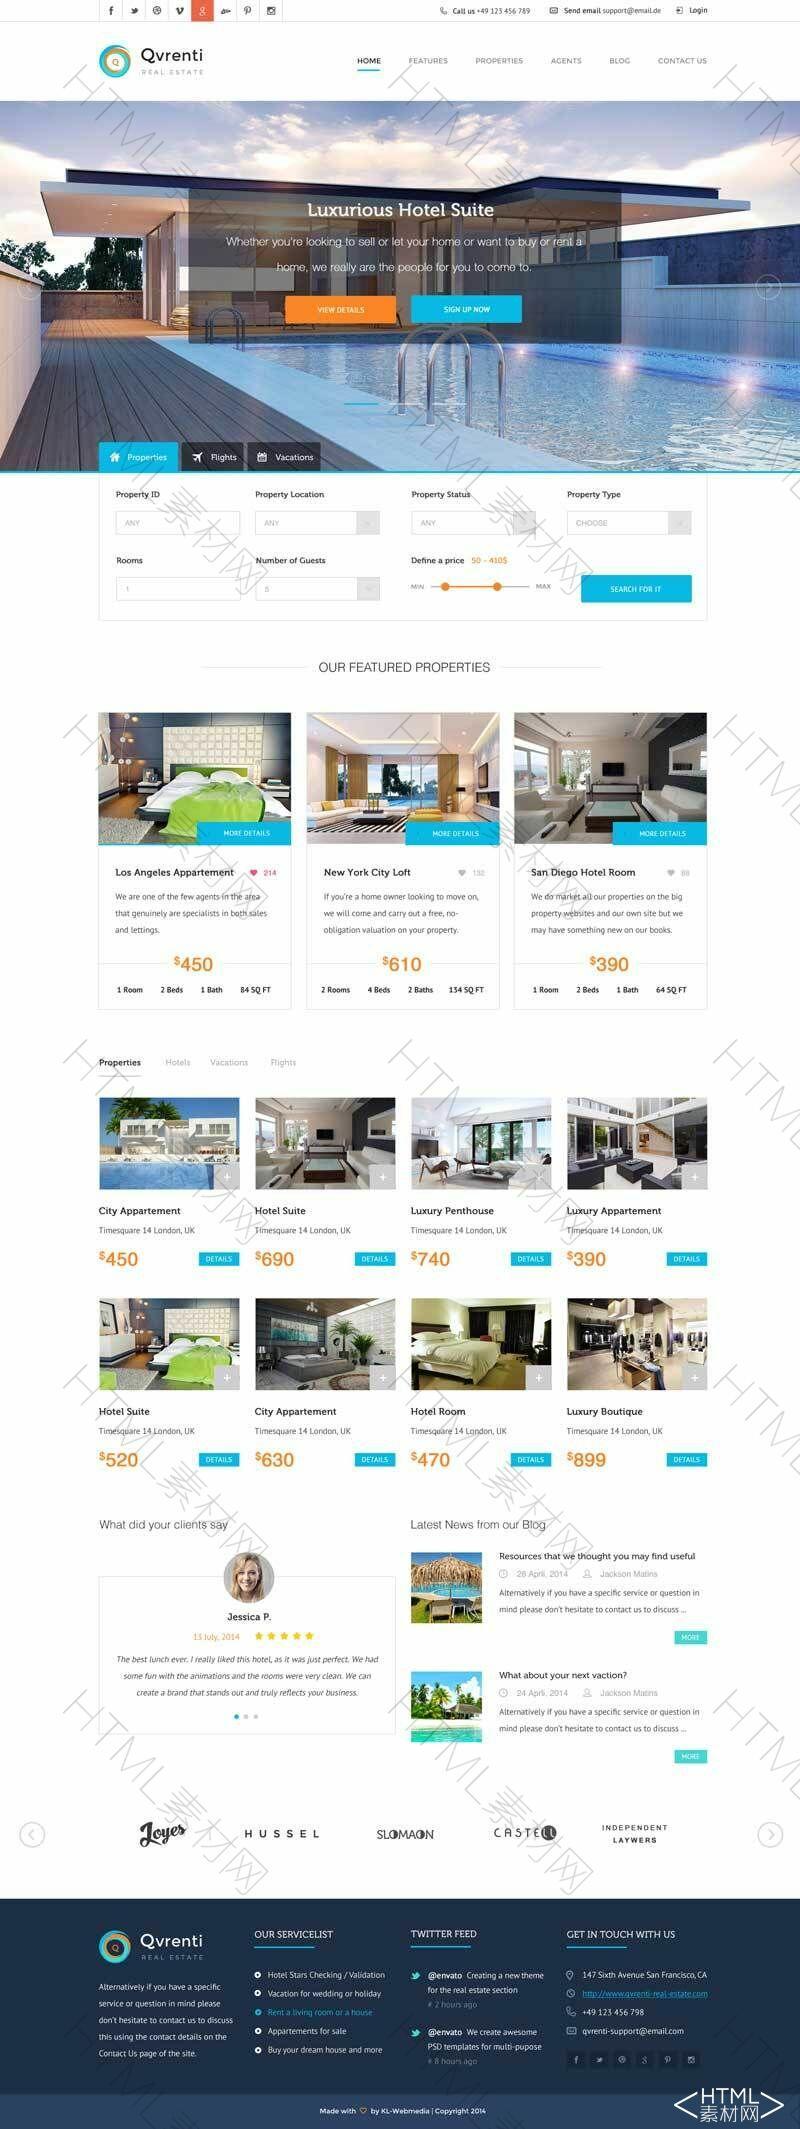 大气的旅游酒店预订一站式服务平台网页模板.jpg